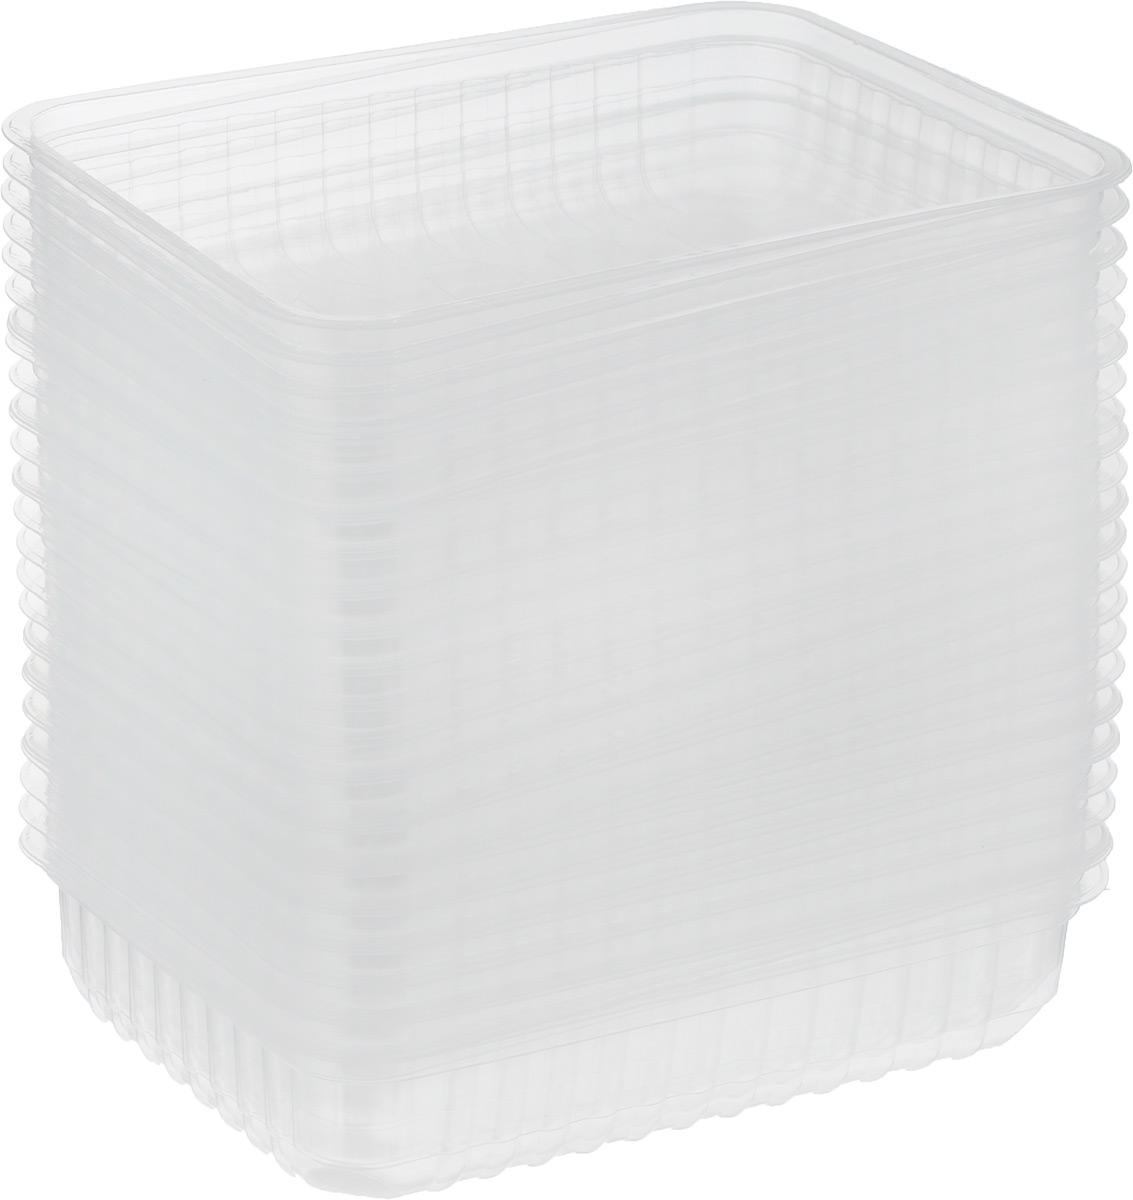 Контейнер пищевой Стиролпласт, 500 мл, 50 штПОС17493Контейнер прямоугольной формы Стиролпласт предназначен для хранения пищевых продуктов. Прозрачные стенки позволяют видеть содержимое. Контейнер необыкновенно удобен: в нем можно брать еду на работу, за город, ребенку в школу. Именно поэтому подобные контейнеры обретают все большую популярность.